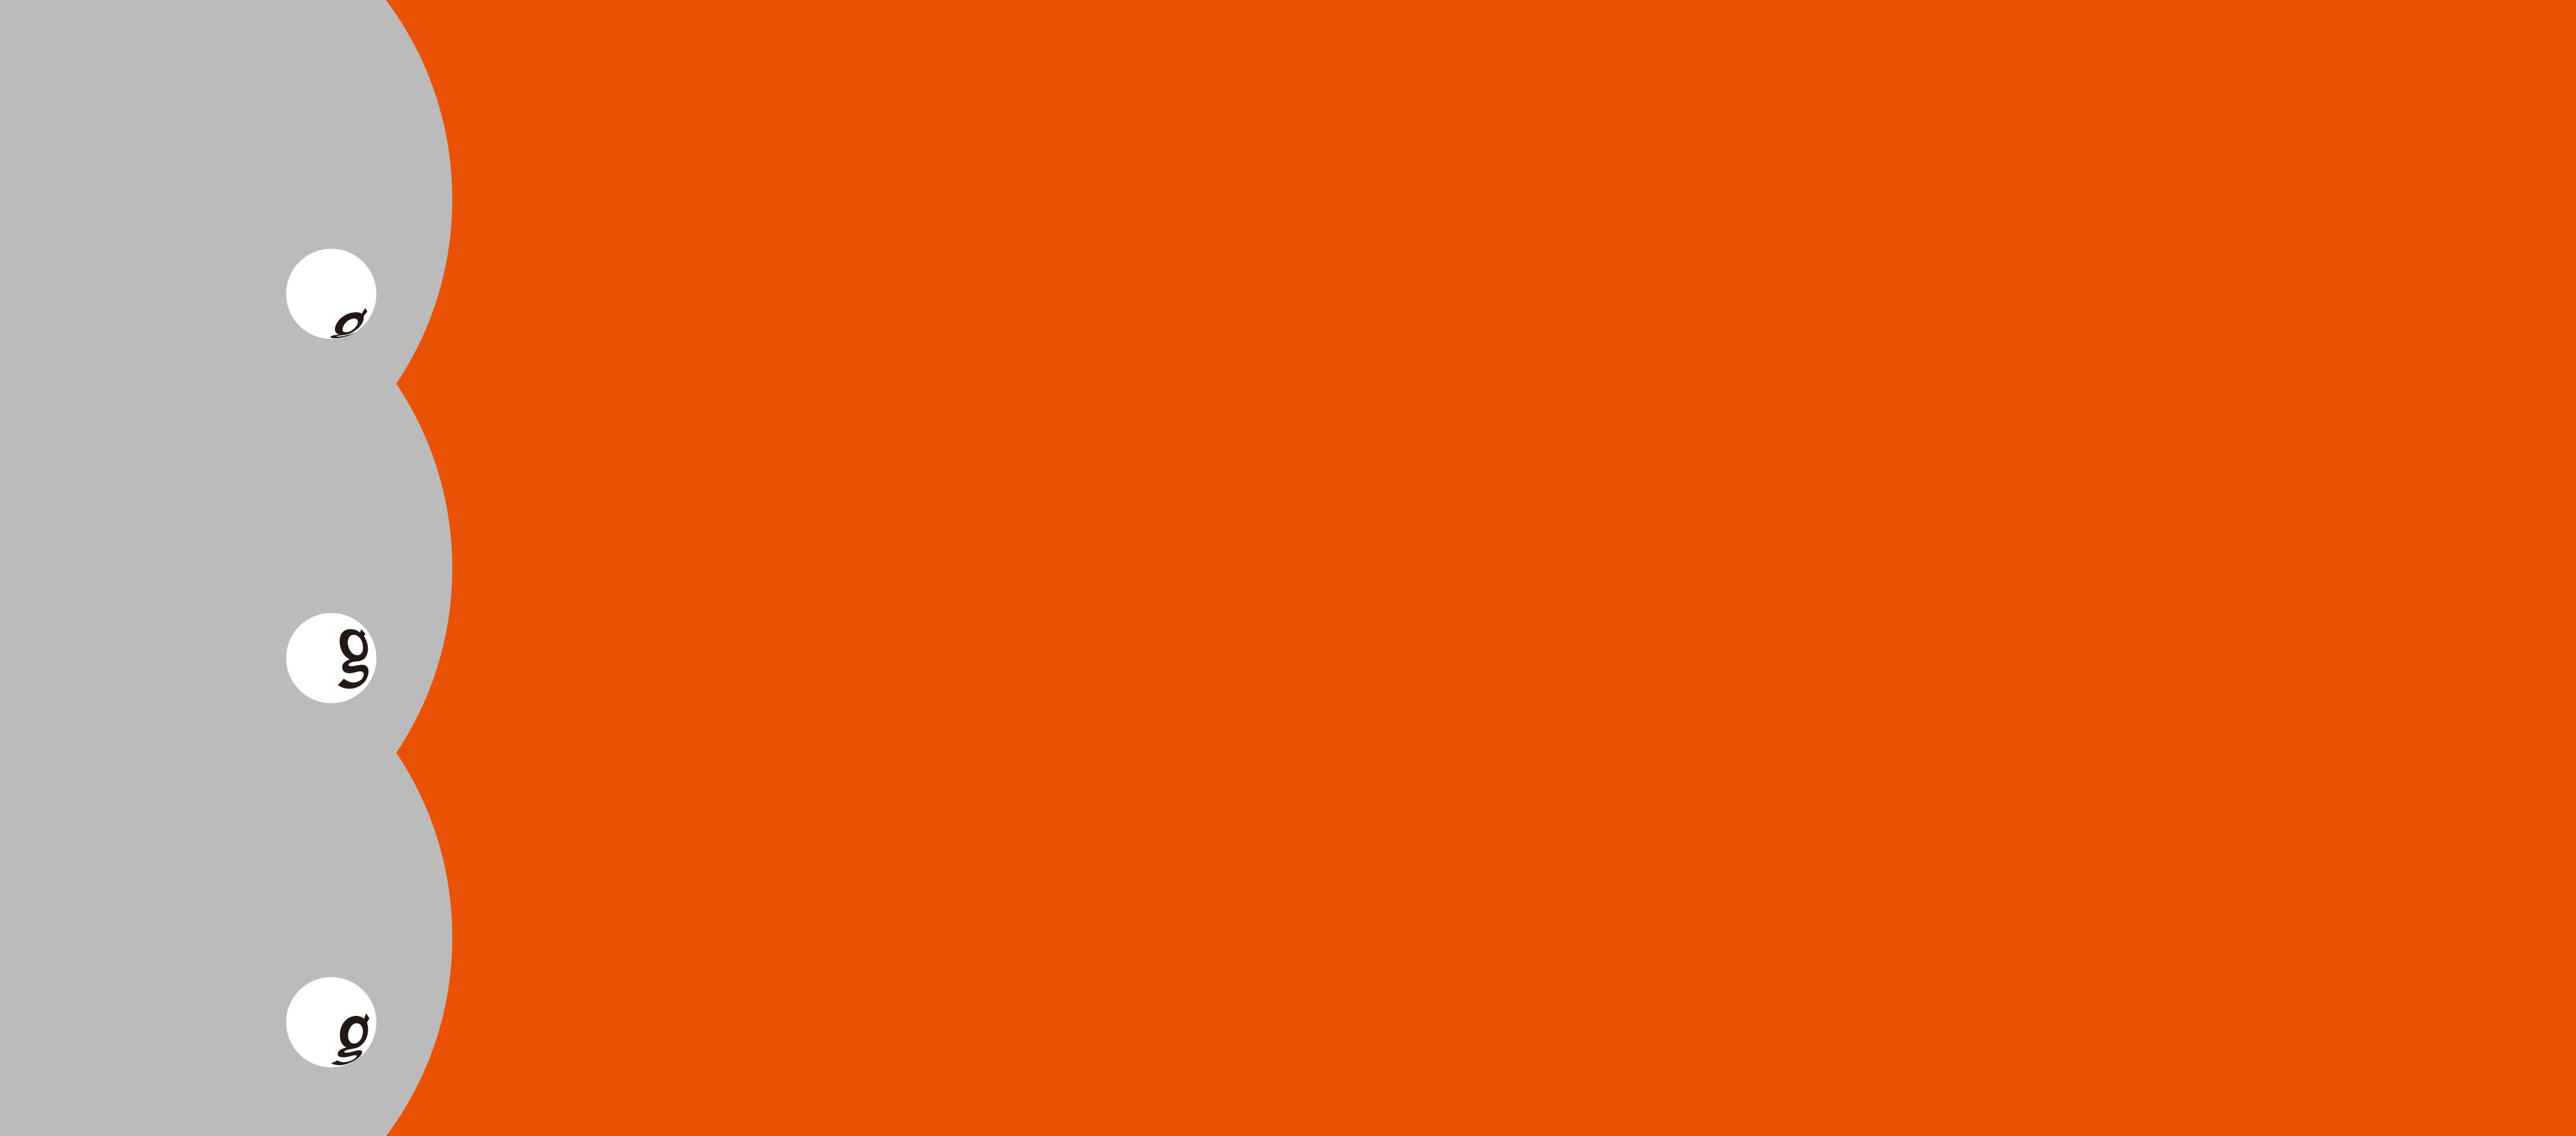 到底為何而戰?躺著不好嗎?從《戰鬥吧,橘子》策展背後的思考,了解你的戰場在哪裡